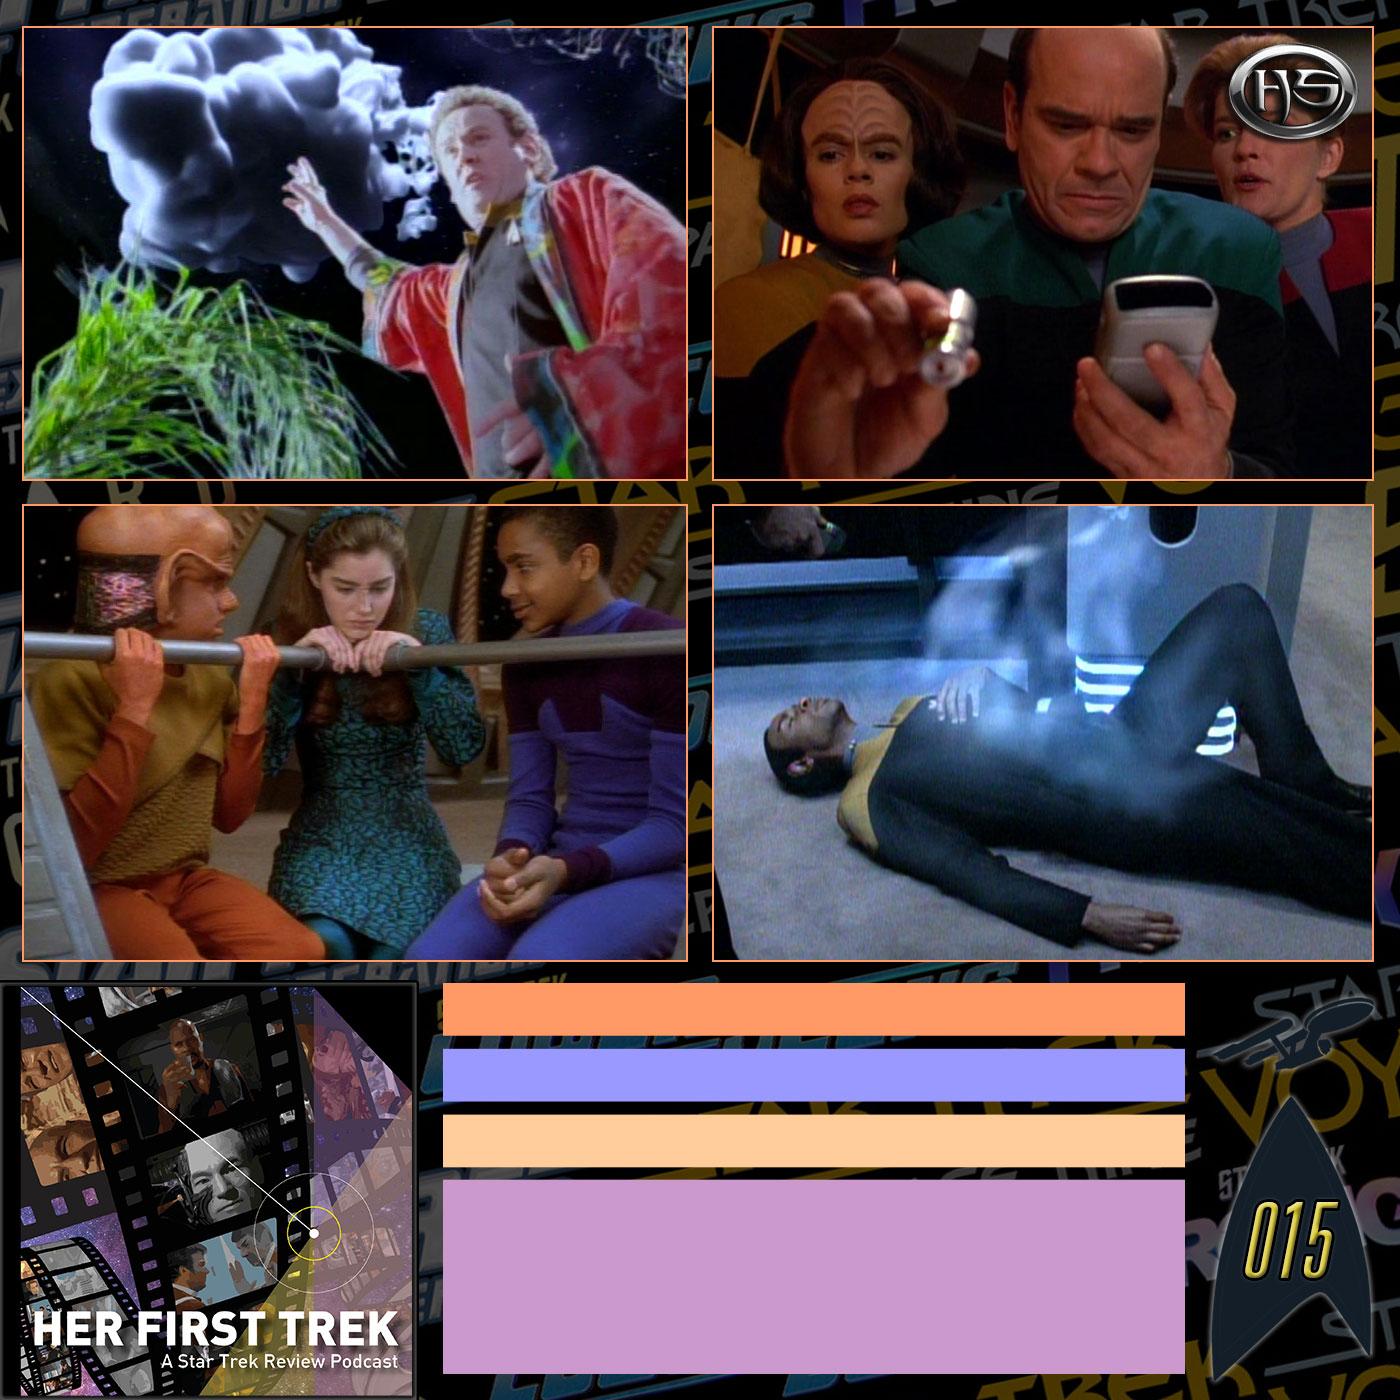 Her First Trek Episode 15